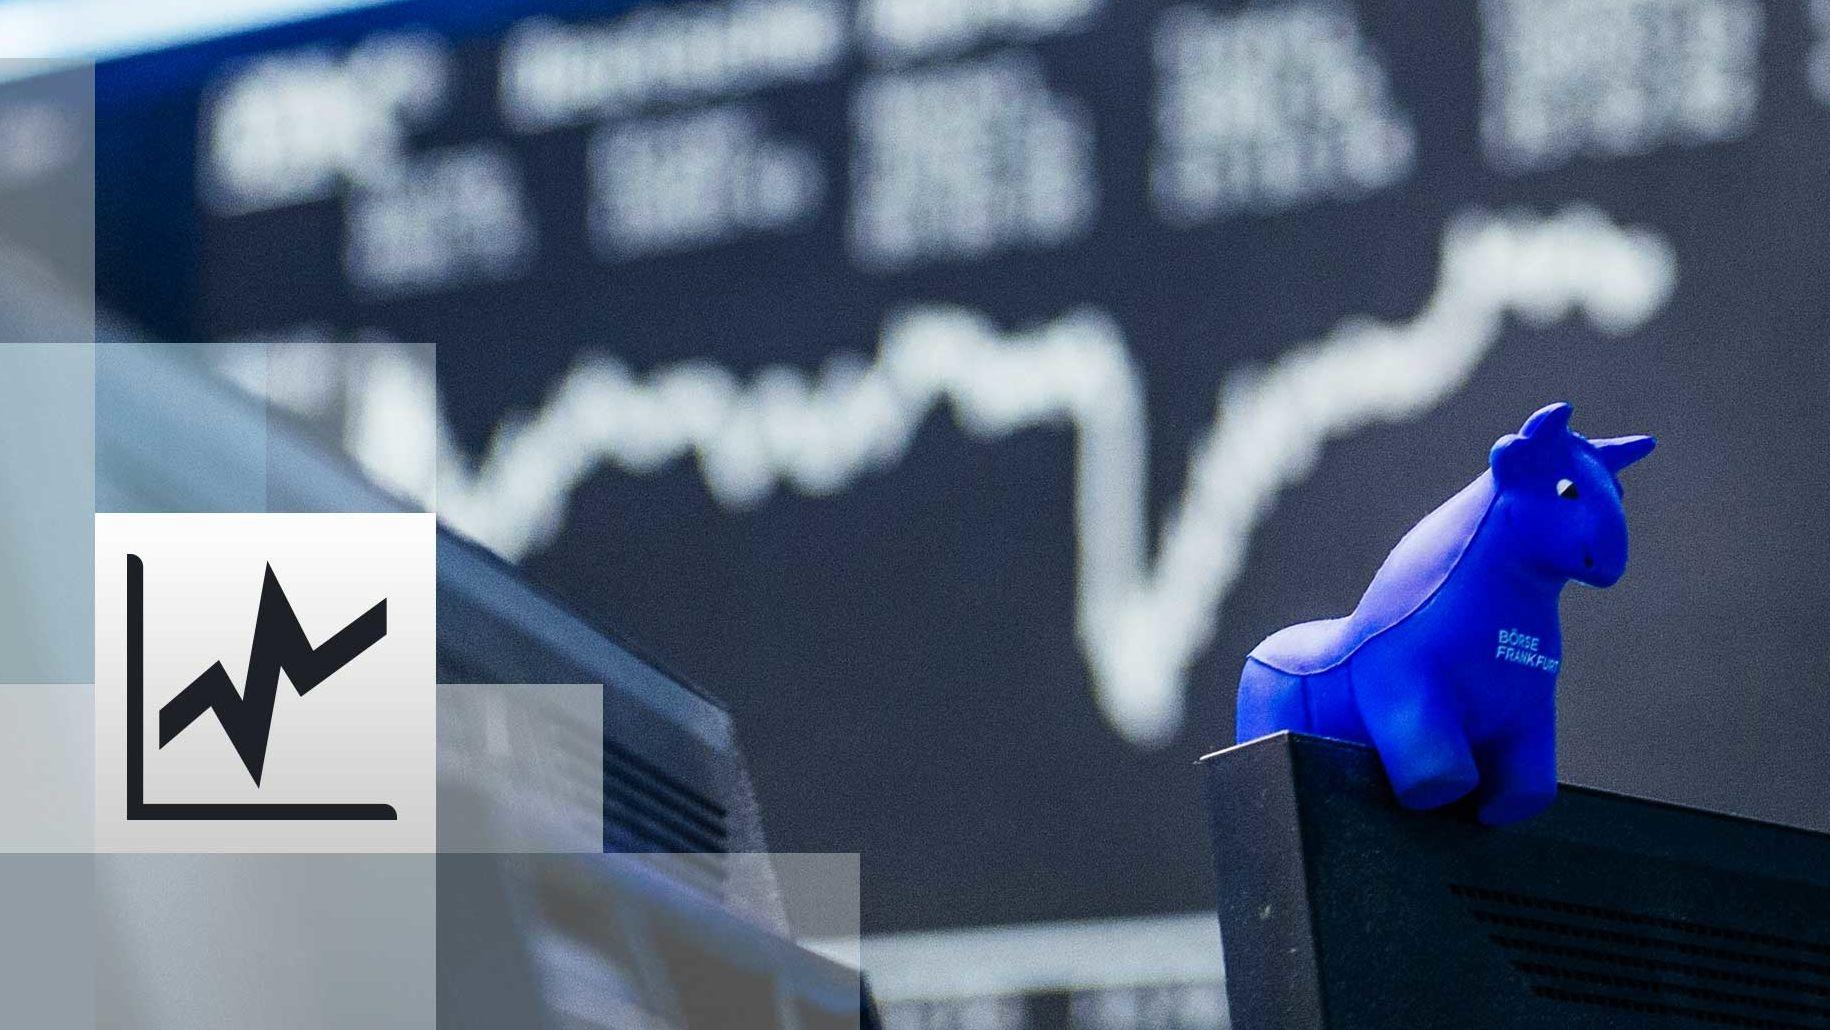 Börse: Corona-Virus hat Börsen fest im Griff